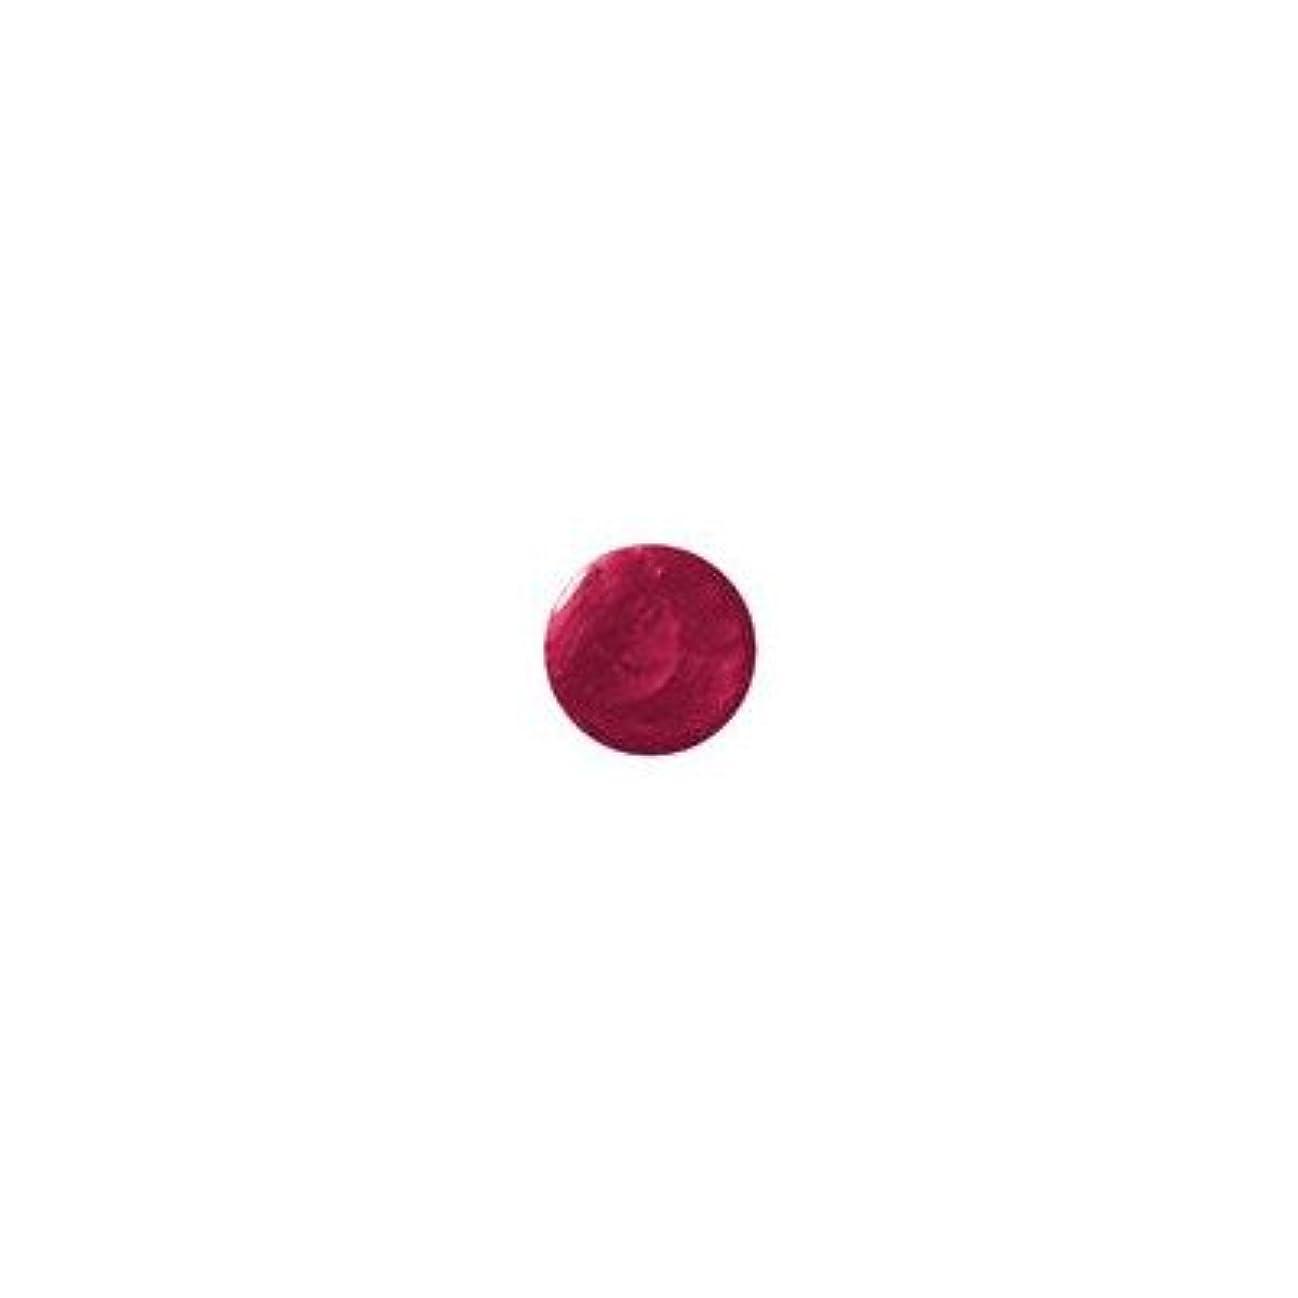 有限バケットコインランドリージェレレーション カラー463Fパッショネイトキッシーズ